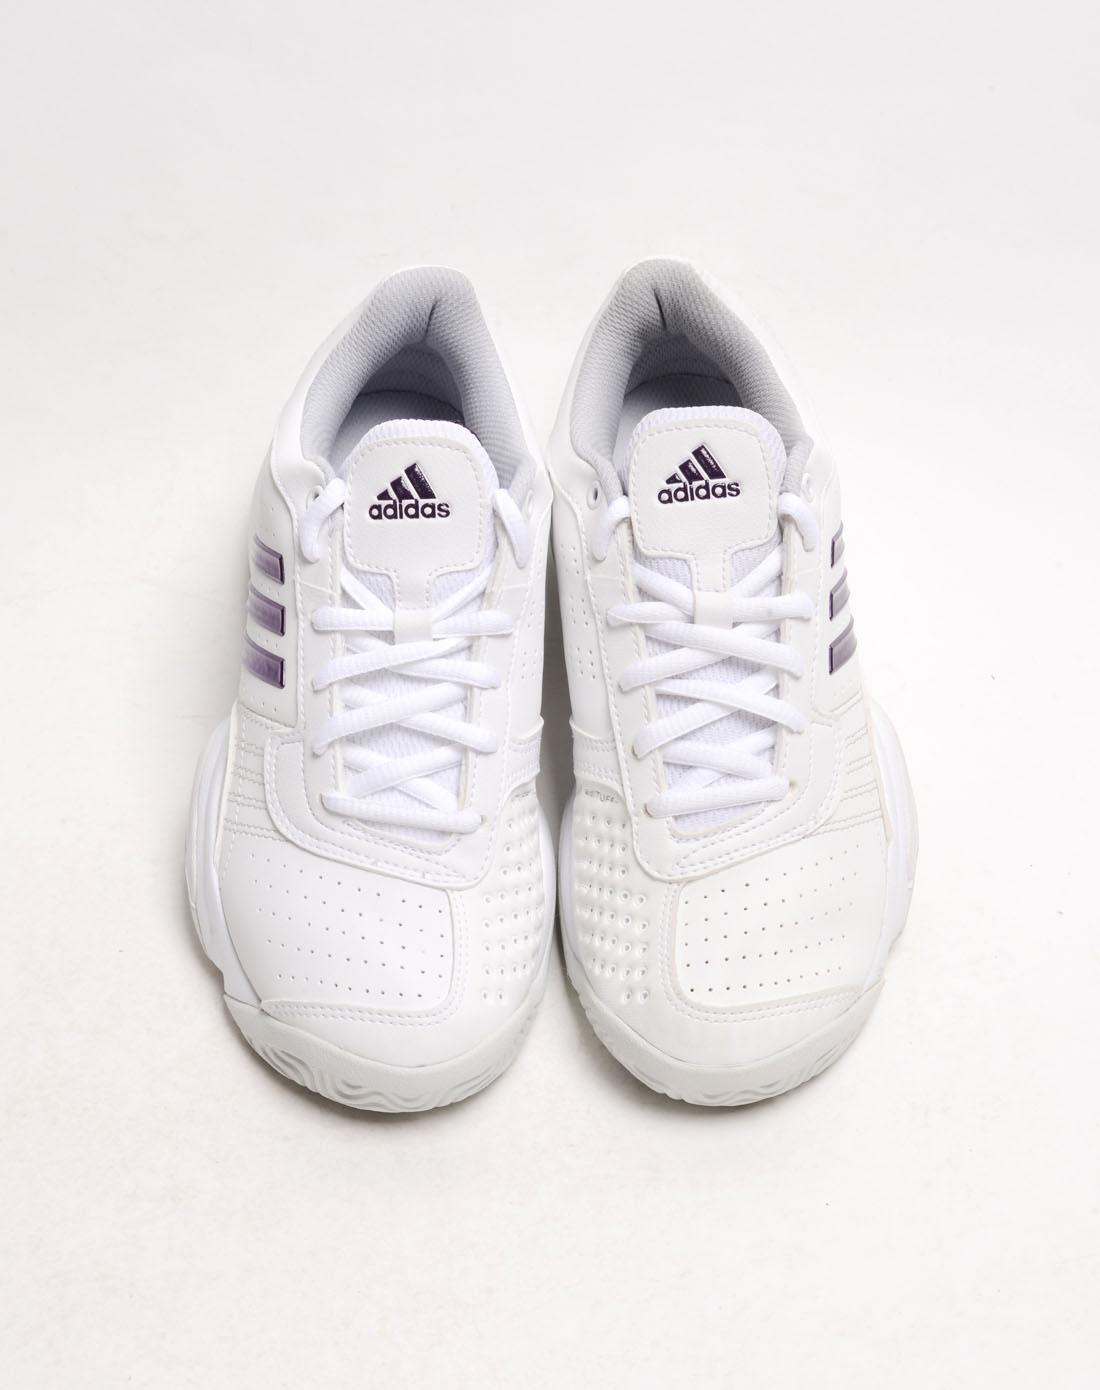 阿迪达斯adidas女鞋专场-女子白色网球鞋